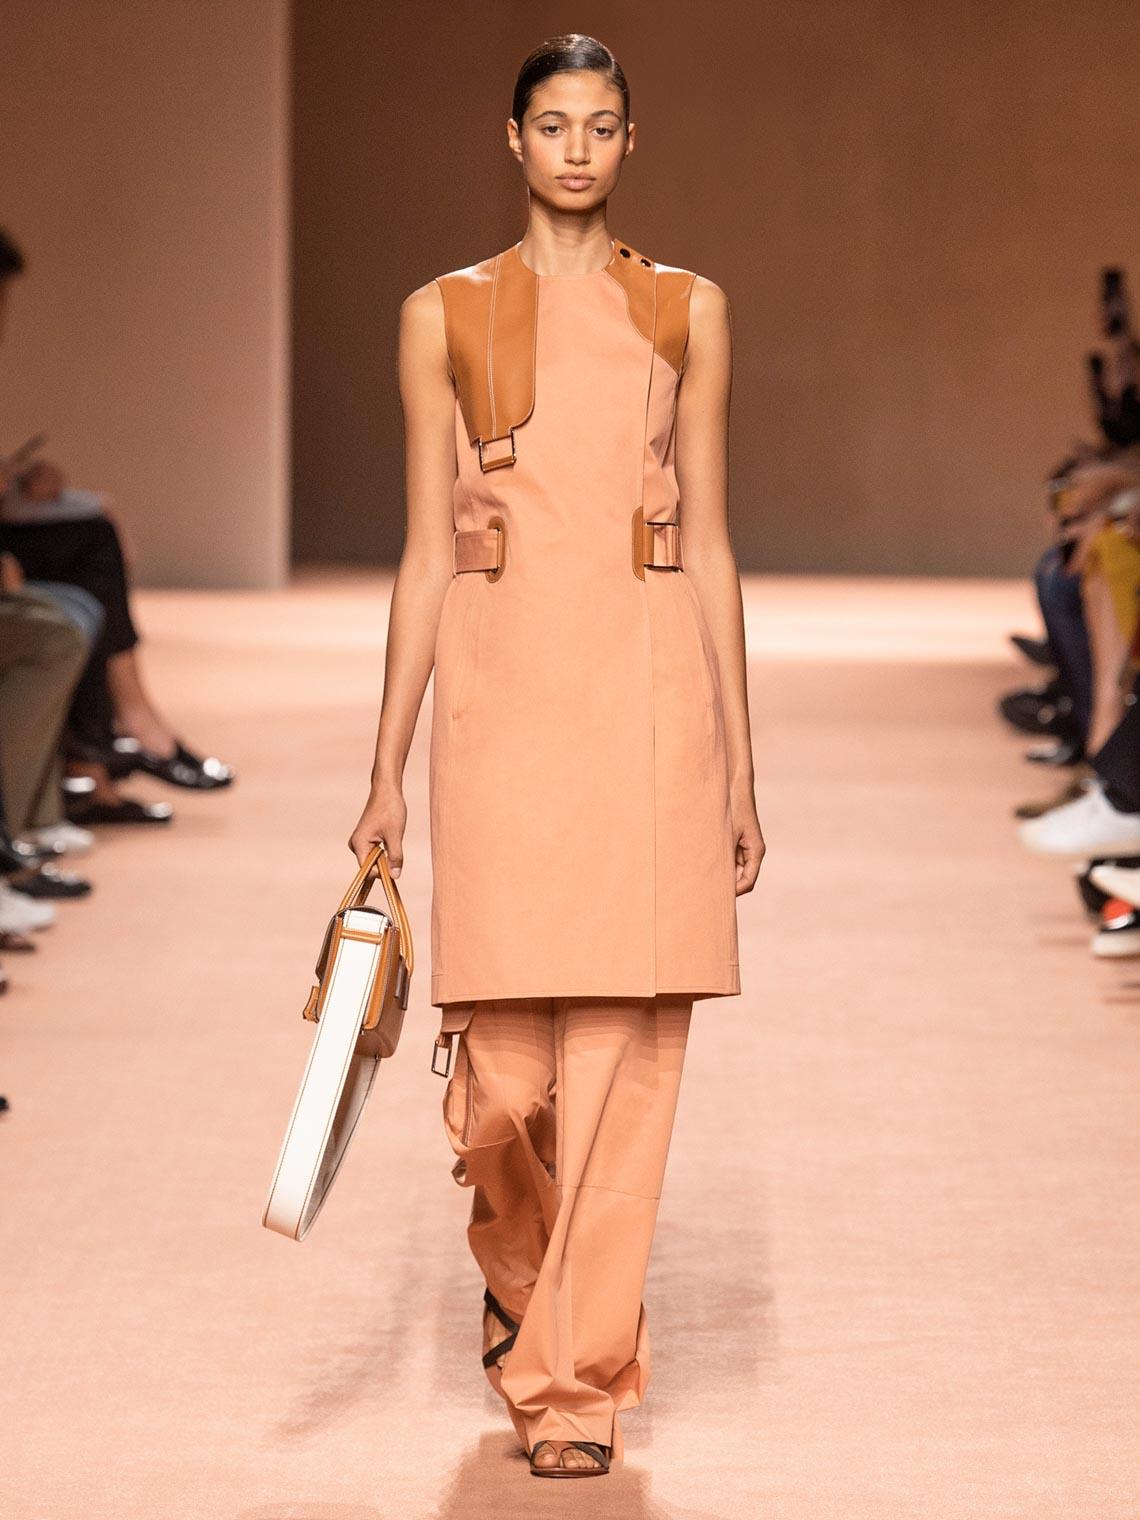 BST Hermès Xuân – Hè 2020: Vinh danh những giá trị trường tồn - 4